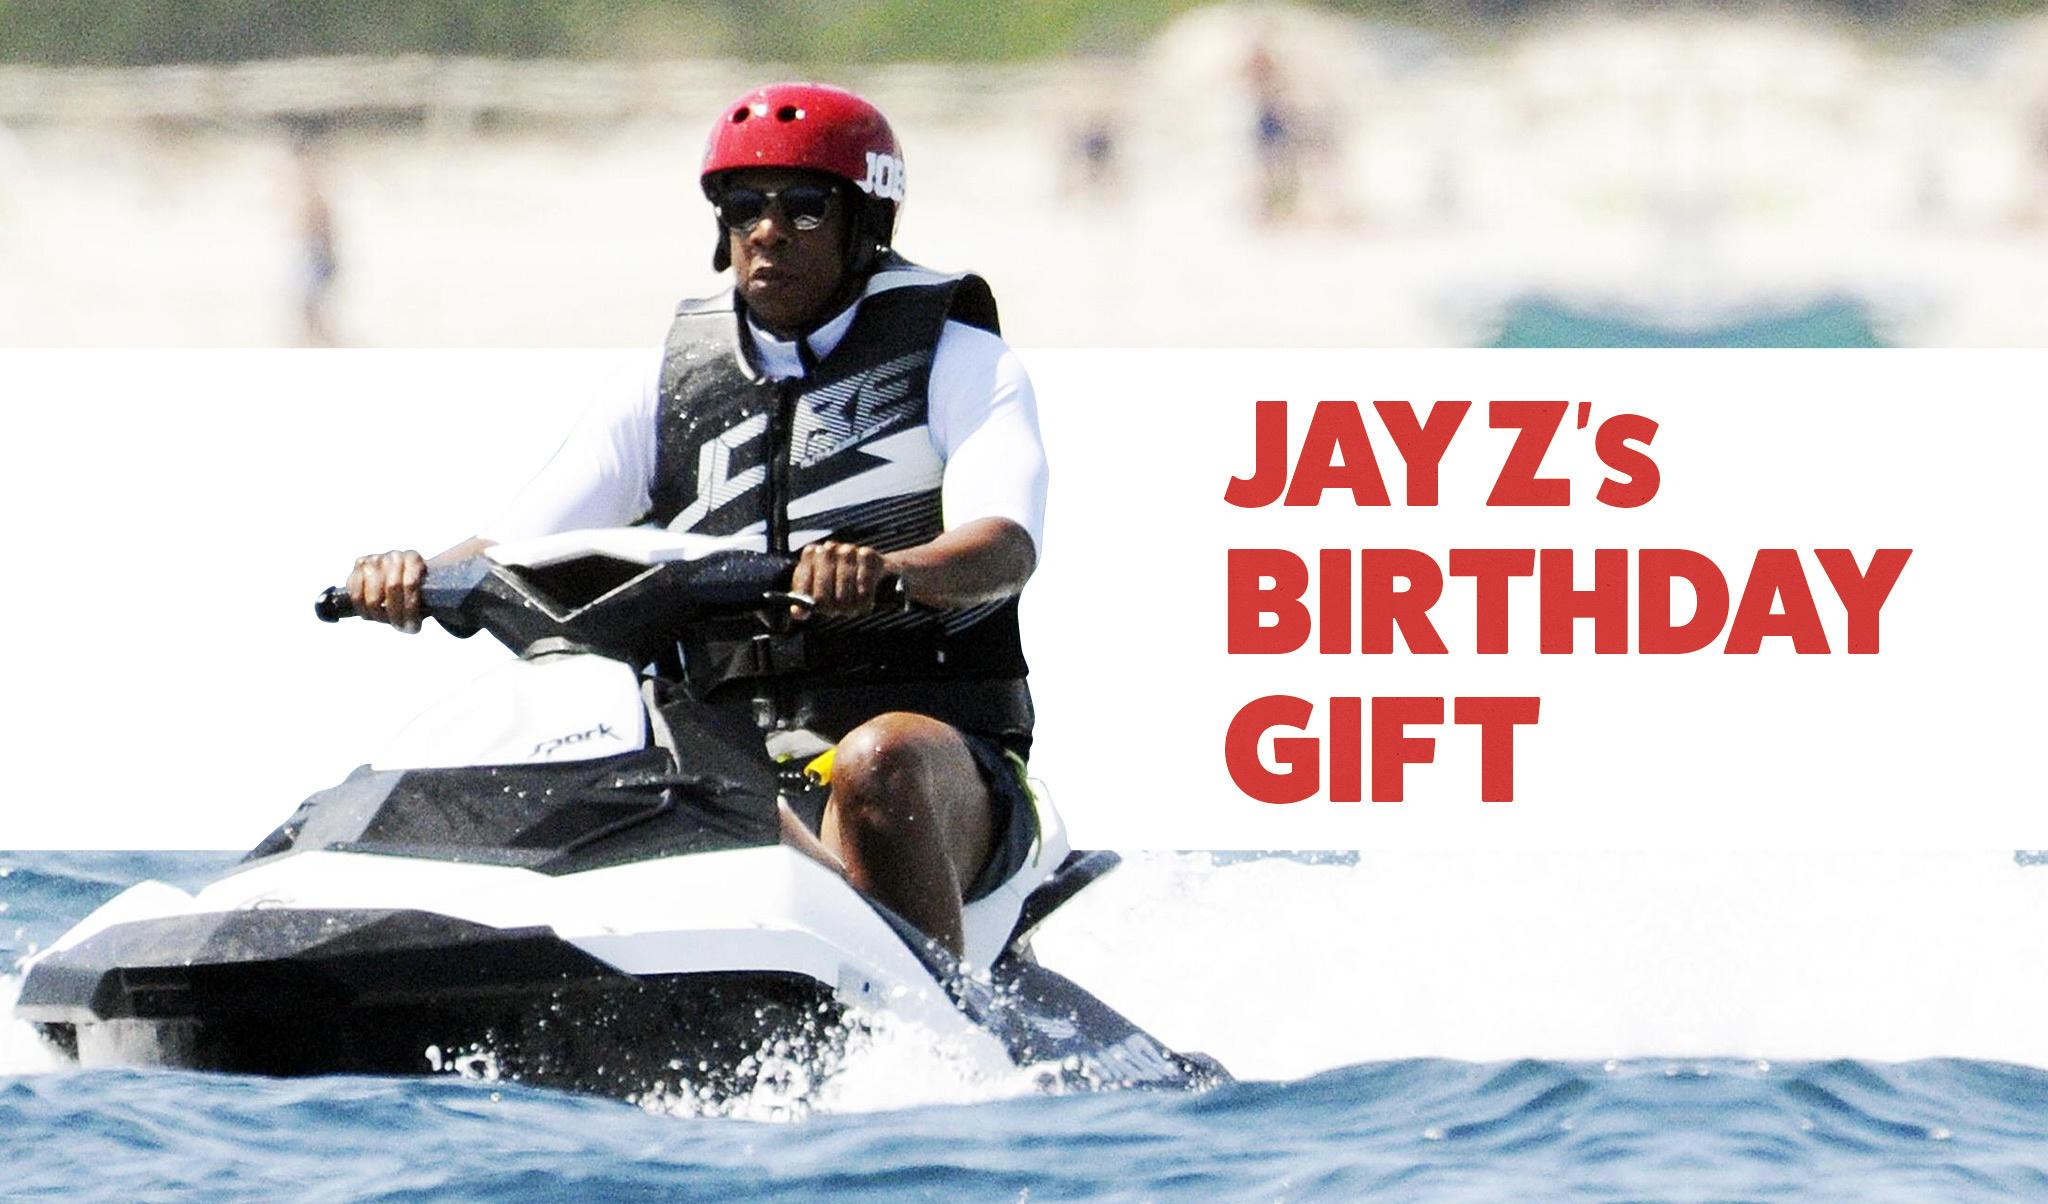 Jay Z's birthday gift